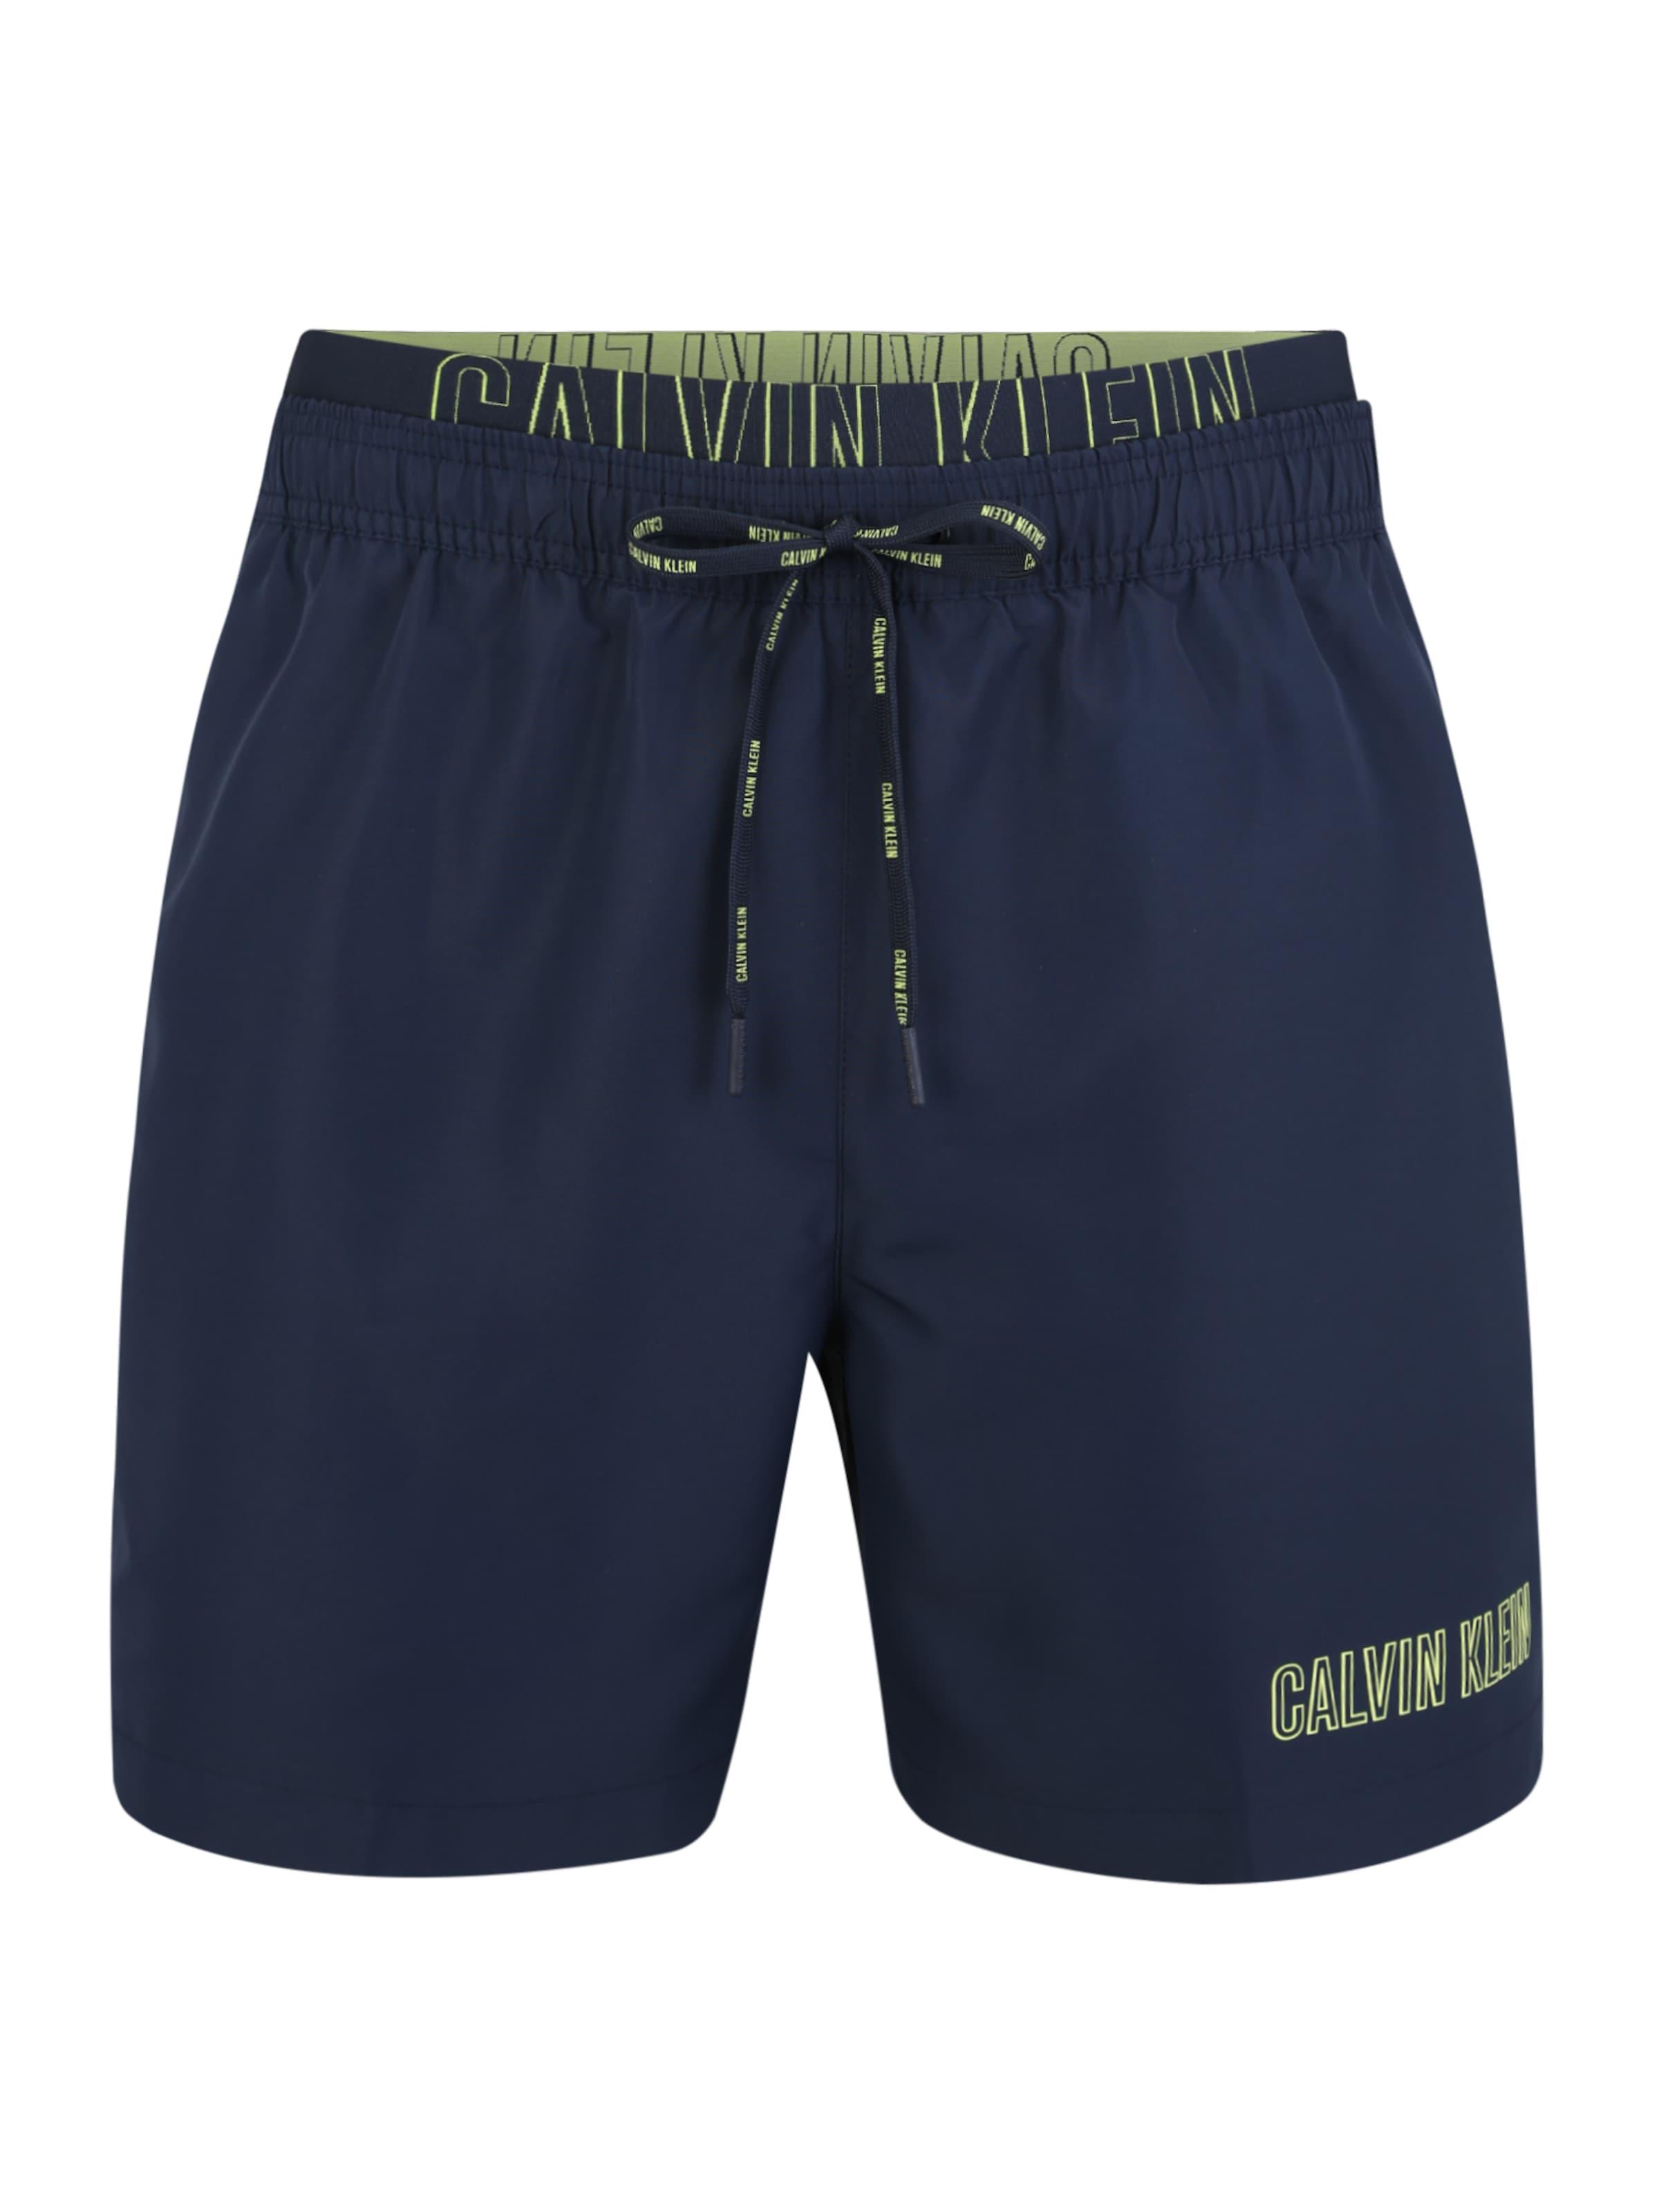 Swimwear Dunkelblau 'medium Klein Calvin Waistband' In Double Bademode hsQtdrCoxB